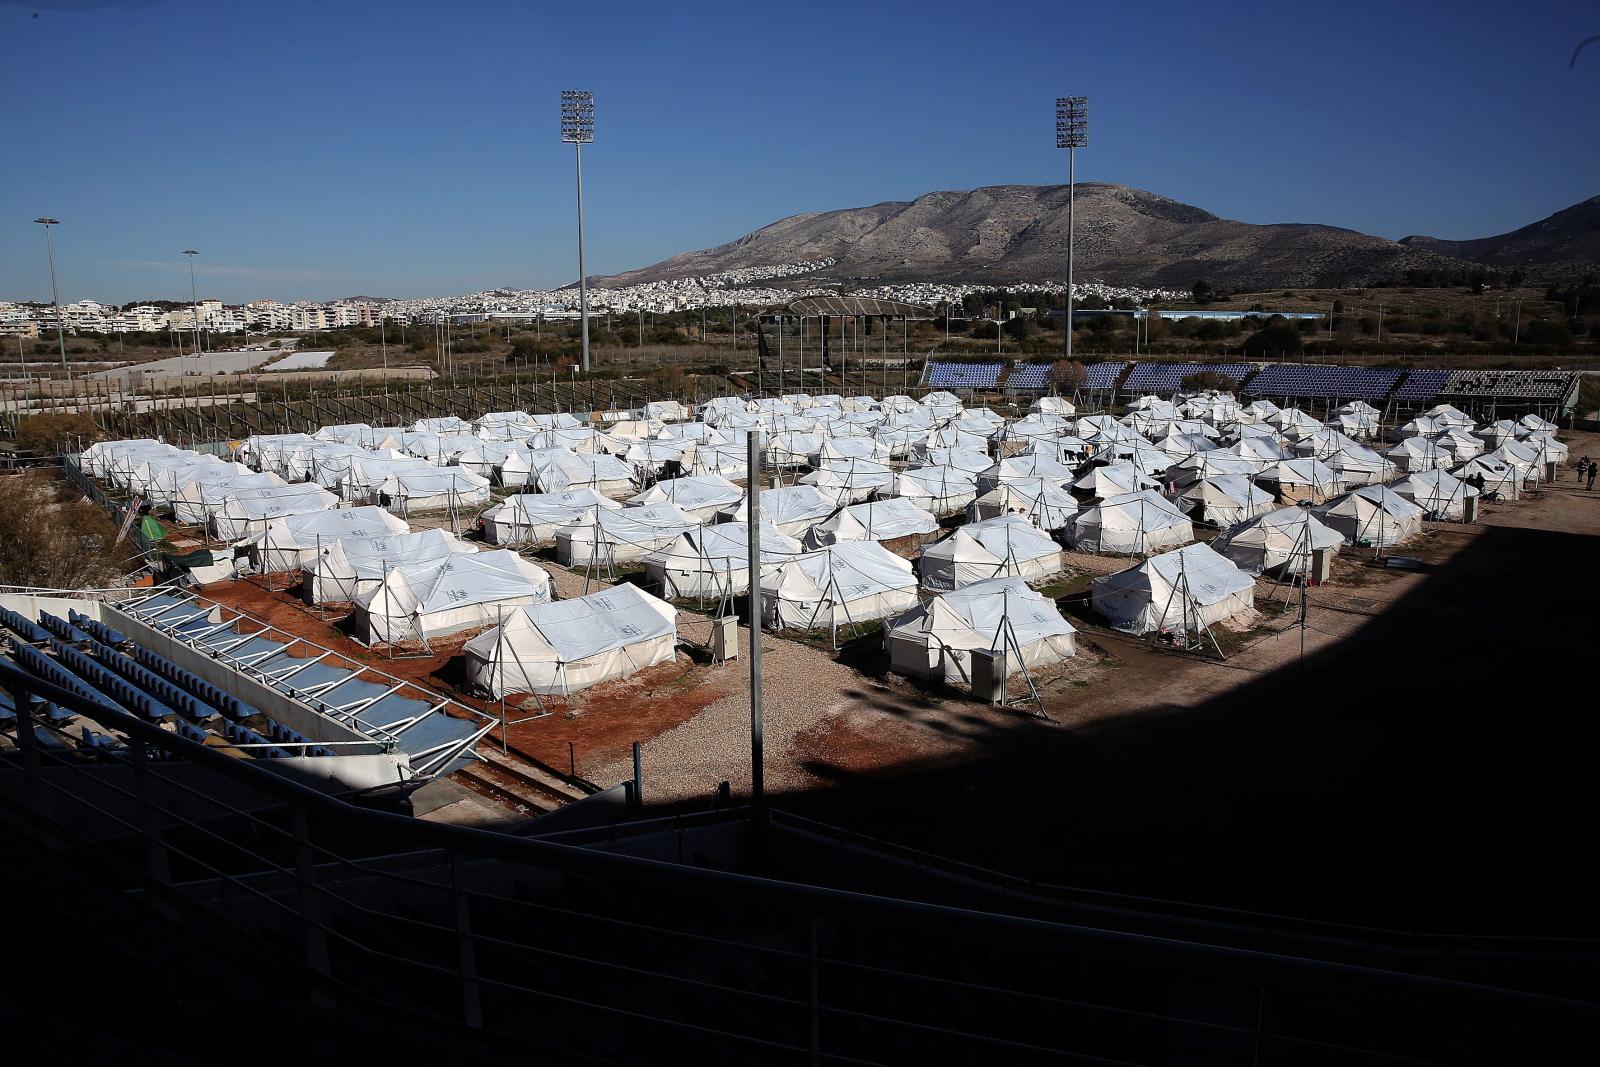 Grecja: widok na tymczasowy obóz uchodźców na Bejsbolowym Stadionie Olimpijskim. W 150 namiotach żyje tu ok. 500 uchodźców, głównie z Afganistanu. Fot. PAP/EPA/SIMELA PANTZARTZI